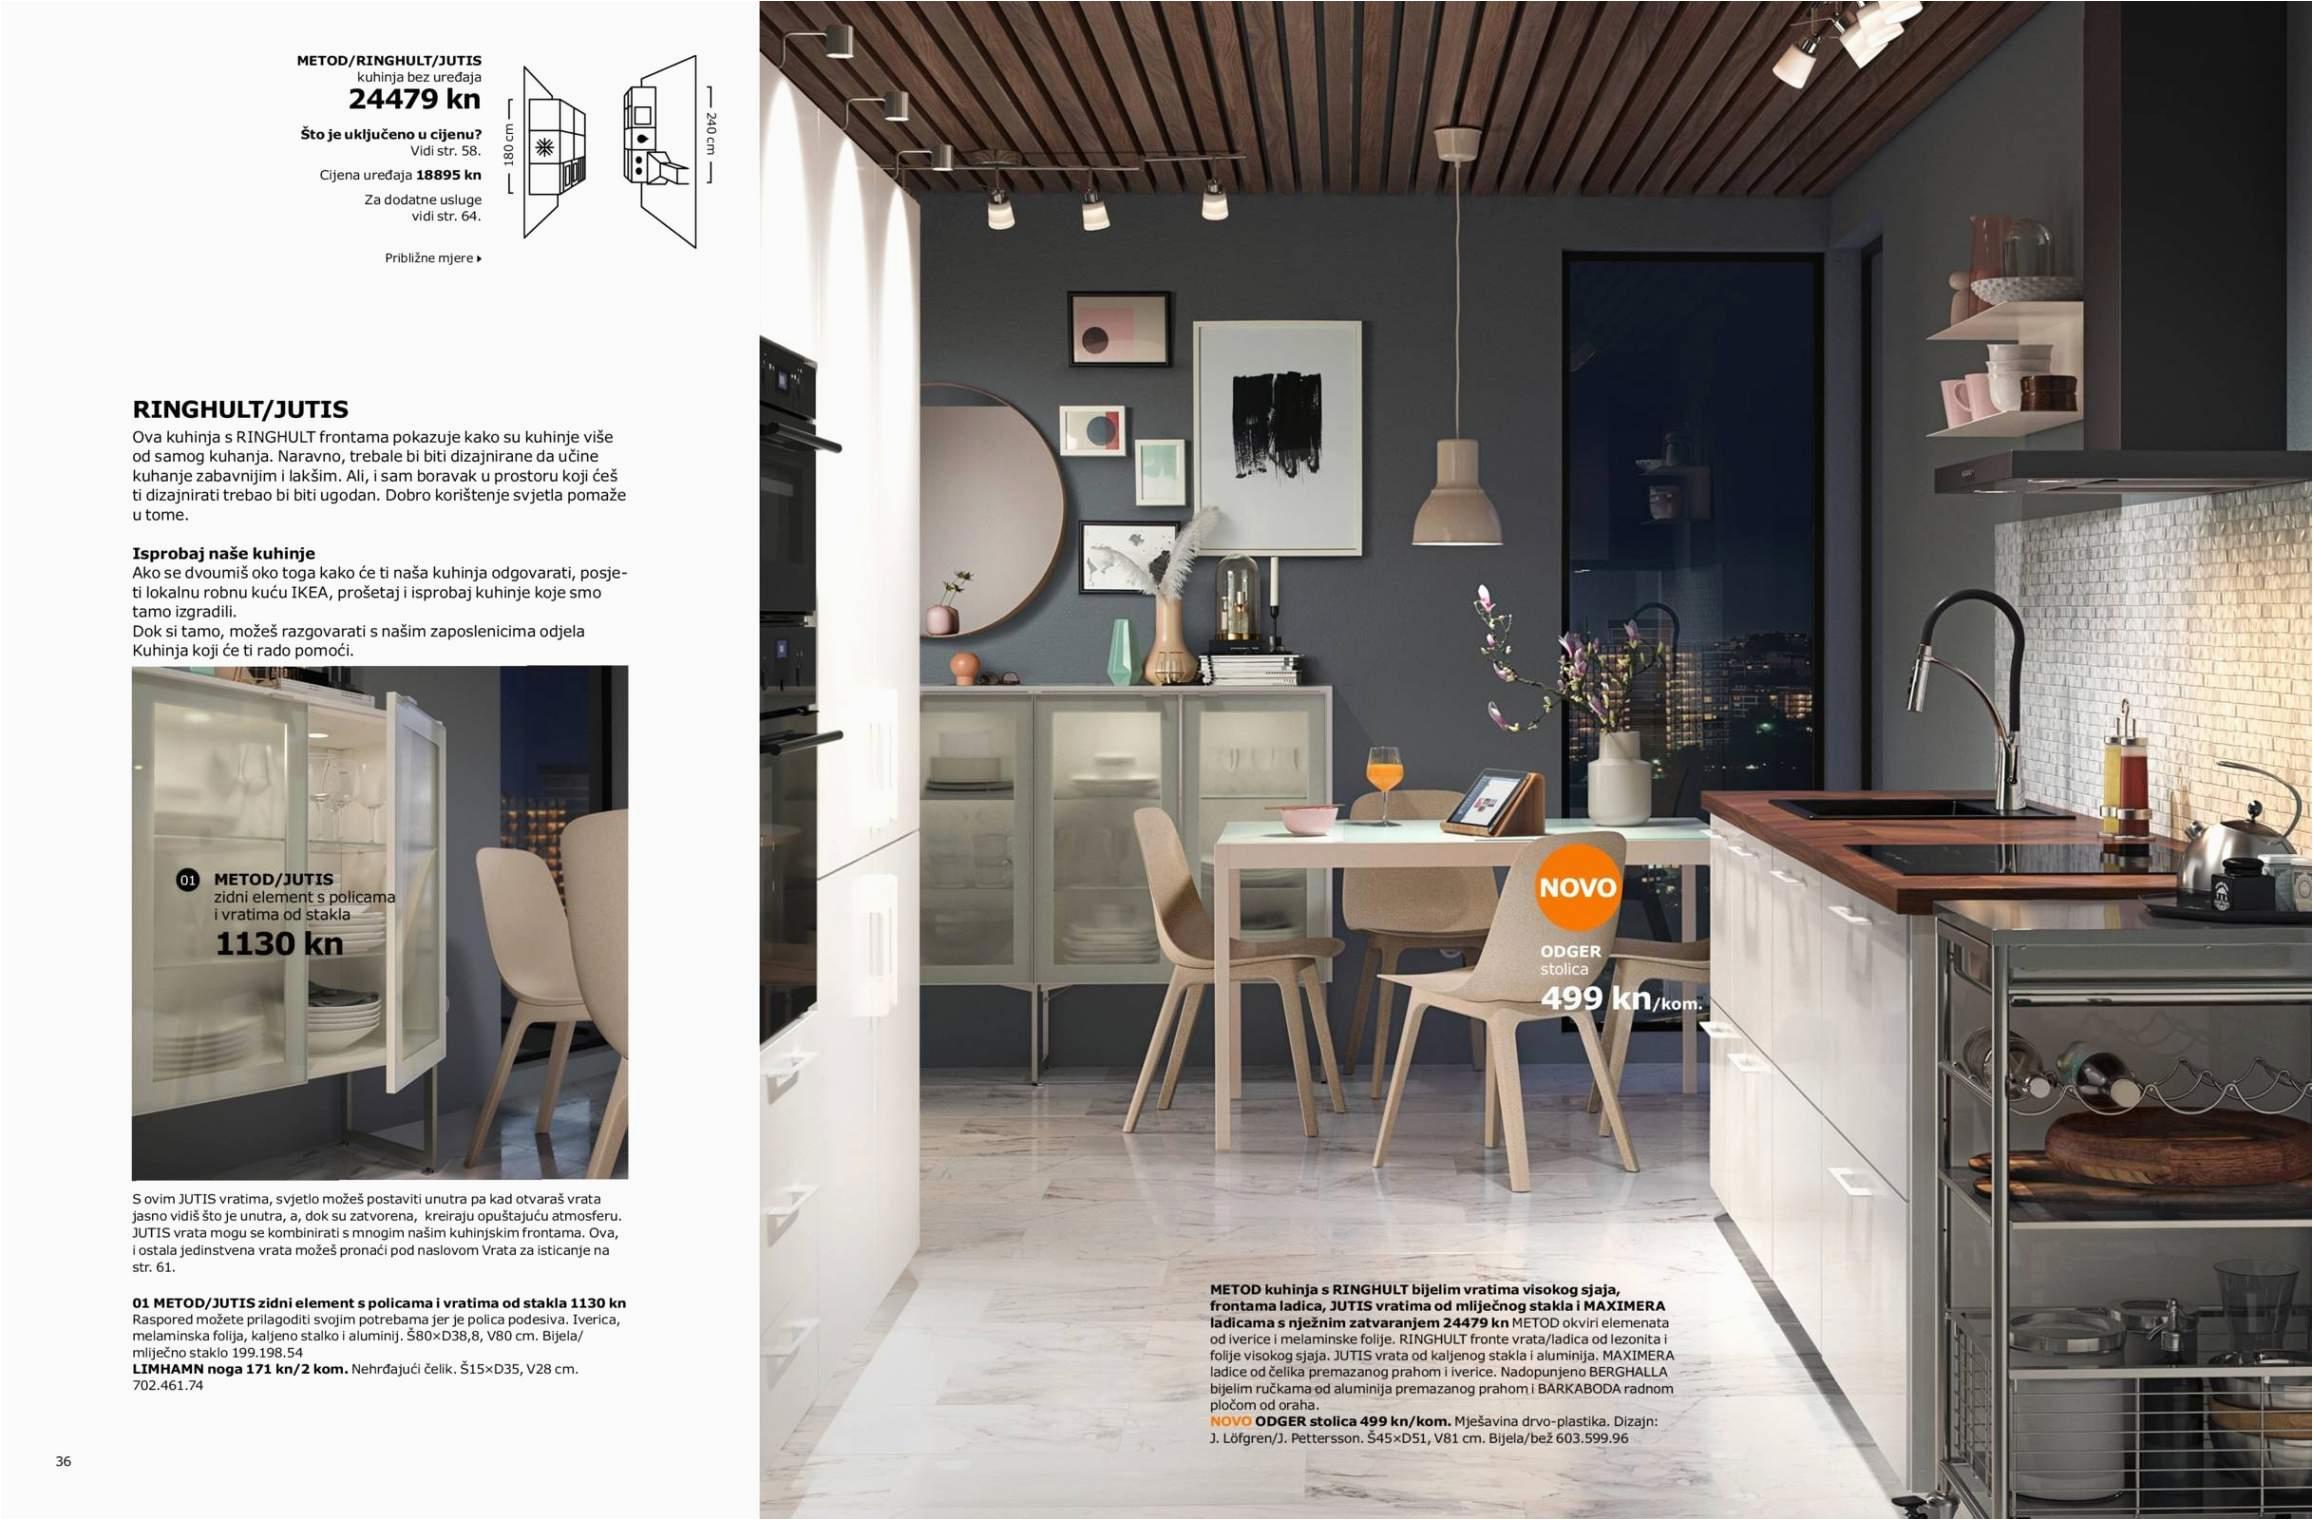 ikea wohnzimmer inspiration einzigartig kleiderschrank landhausstil ikea luxus ikea kleiderschrank of ikea wohnzimmer inspiration